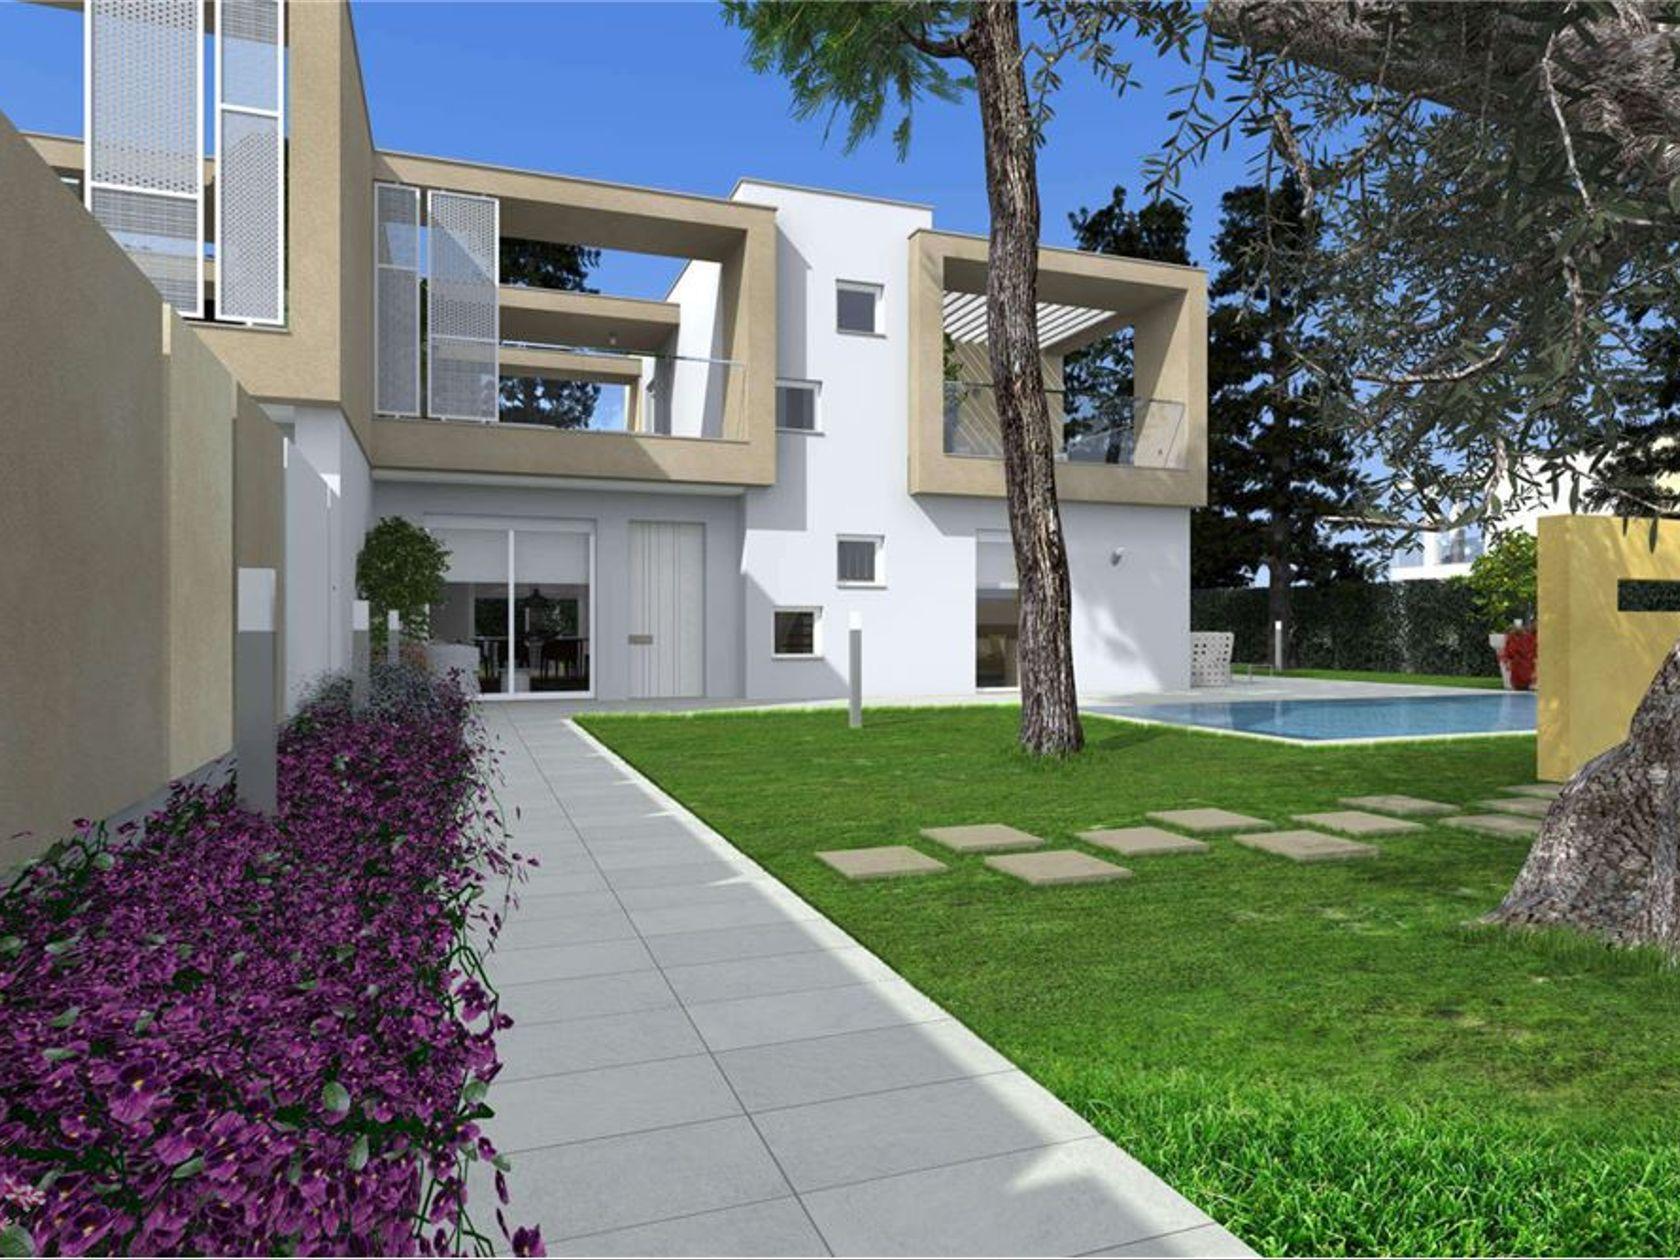 Villa singola Bari - Torre A Mare San Giorgio, Bari, BA Vendita